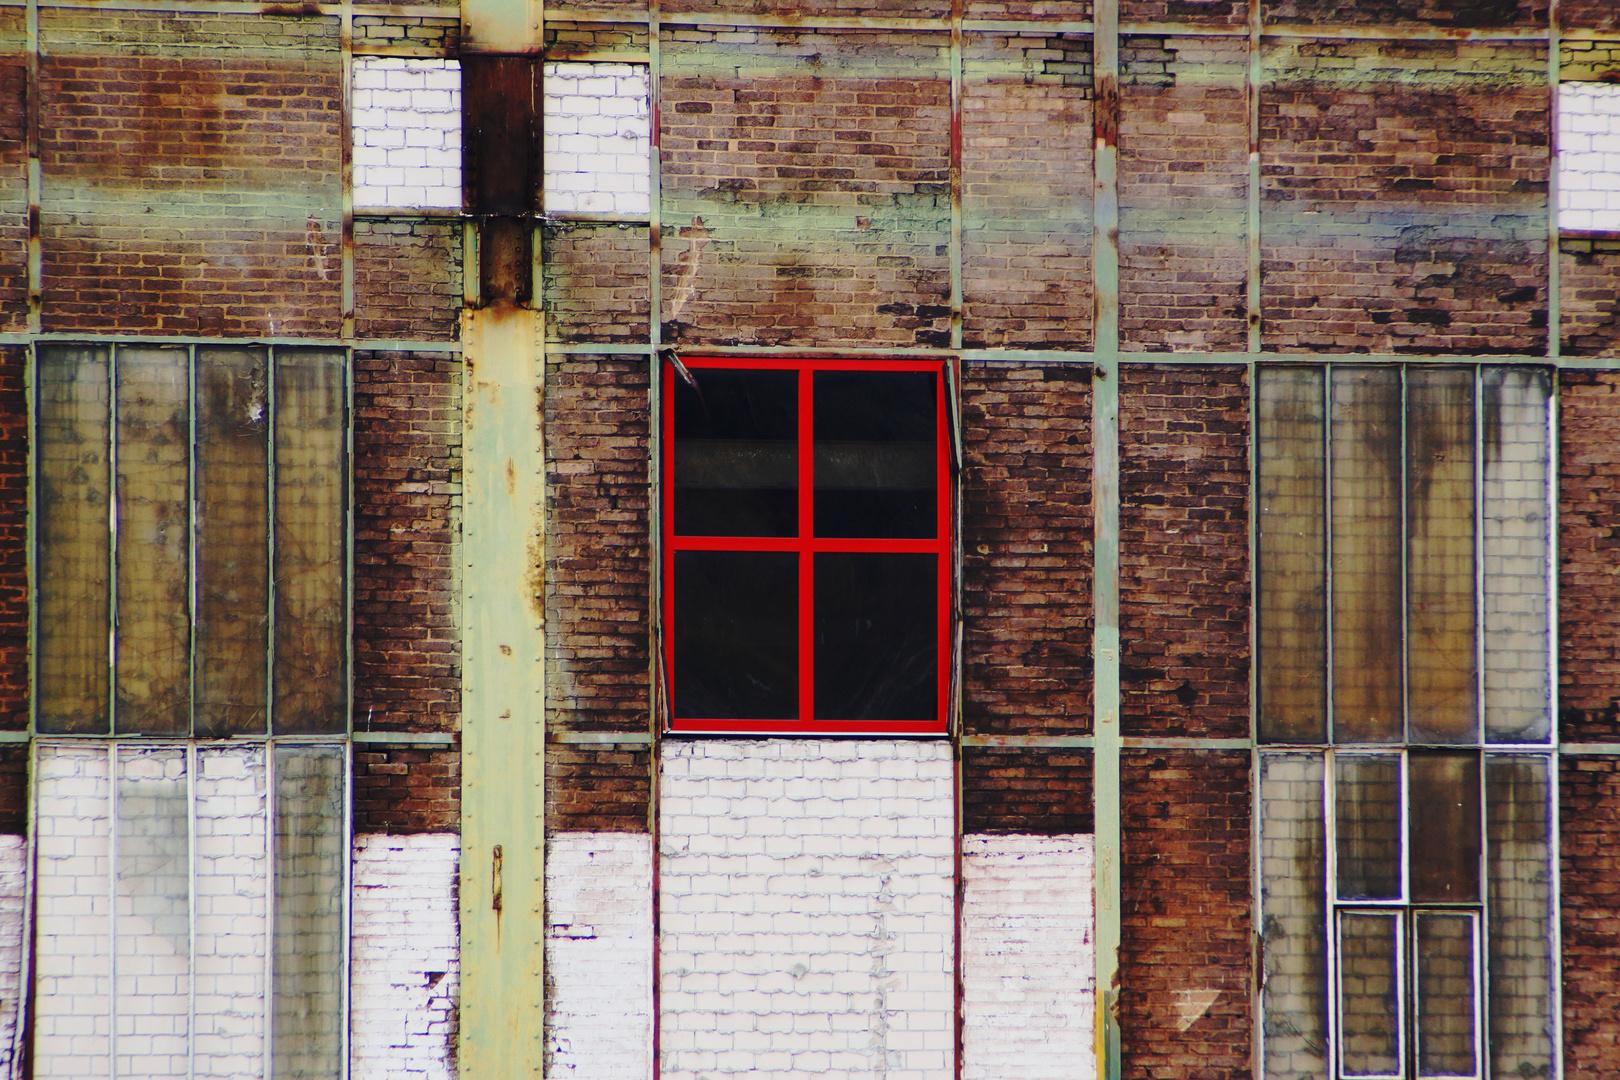 Das Rote Fenster